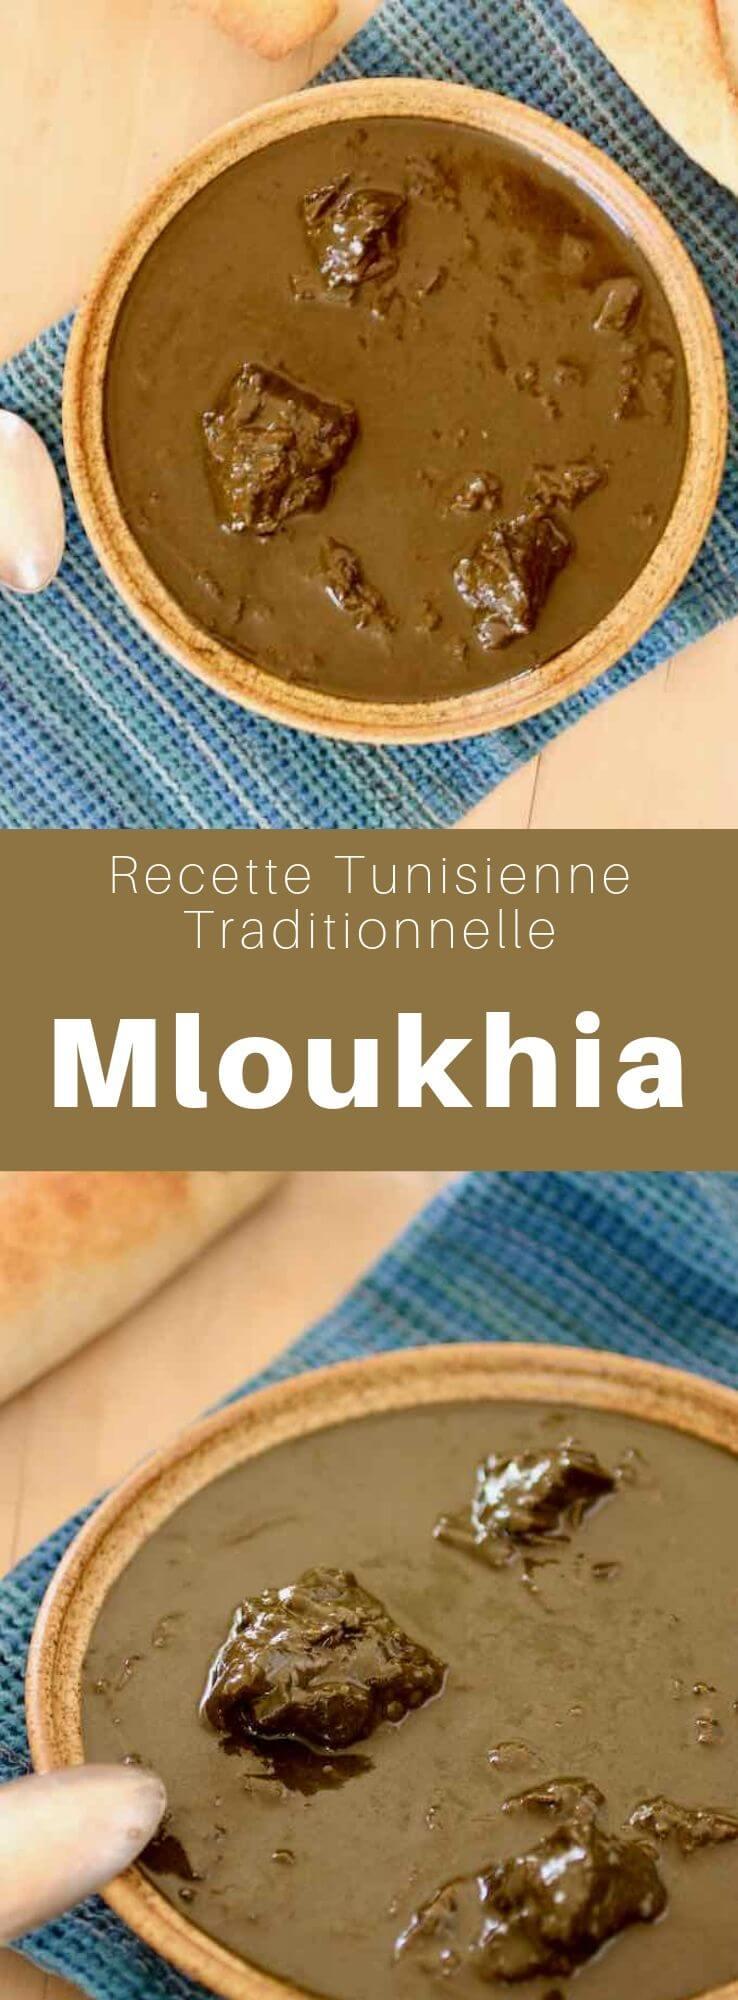 La mloukhia est un ragout traditionnel tunisien à base de corète potagère séchée et de boeuf, qui se déguste généralement avec du pain italien. #Tunisie #Tunisien #RecetteTunisienne #CuisineTunisienne #CuisineDuMaghreb #RecetteDuMaghreb #AfriqueDuNord #CuisineDuMonde #196flavors